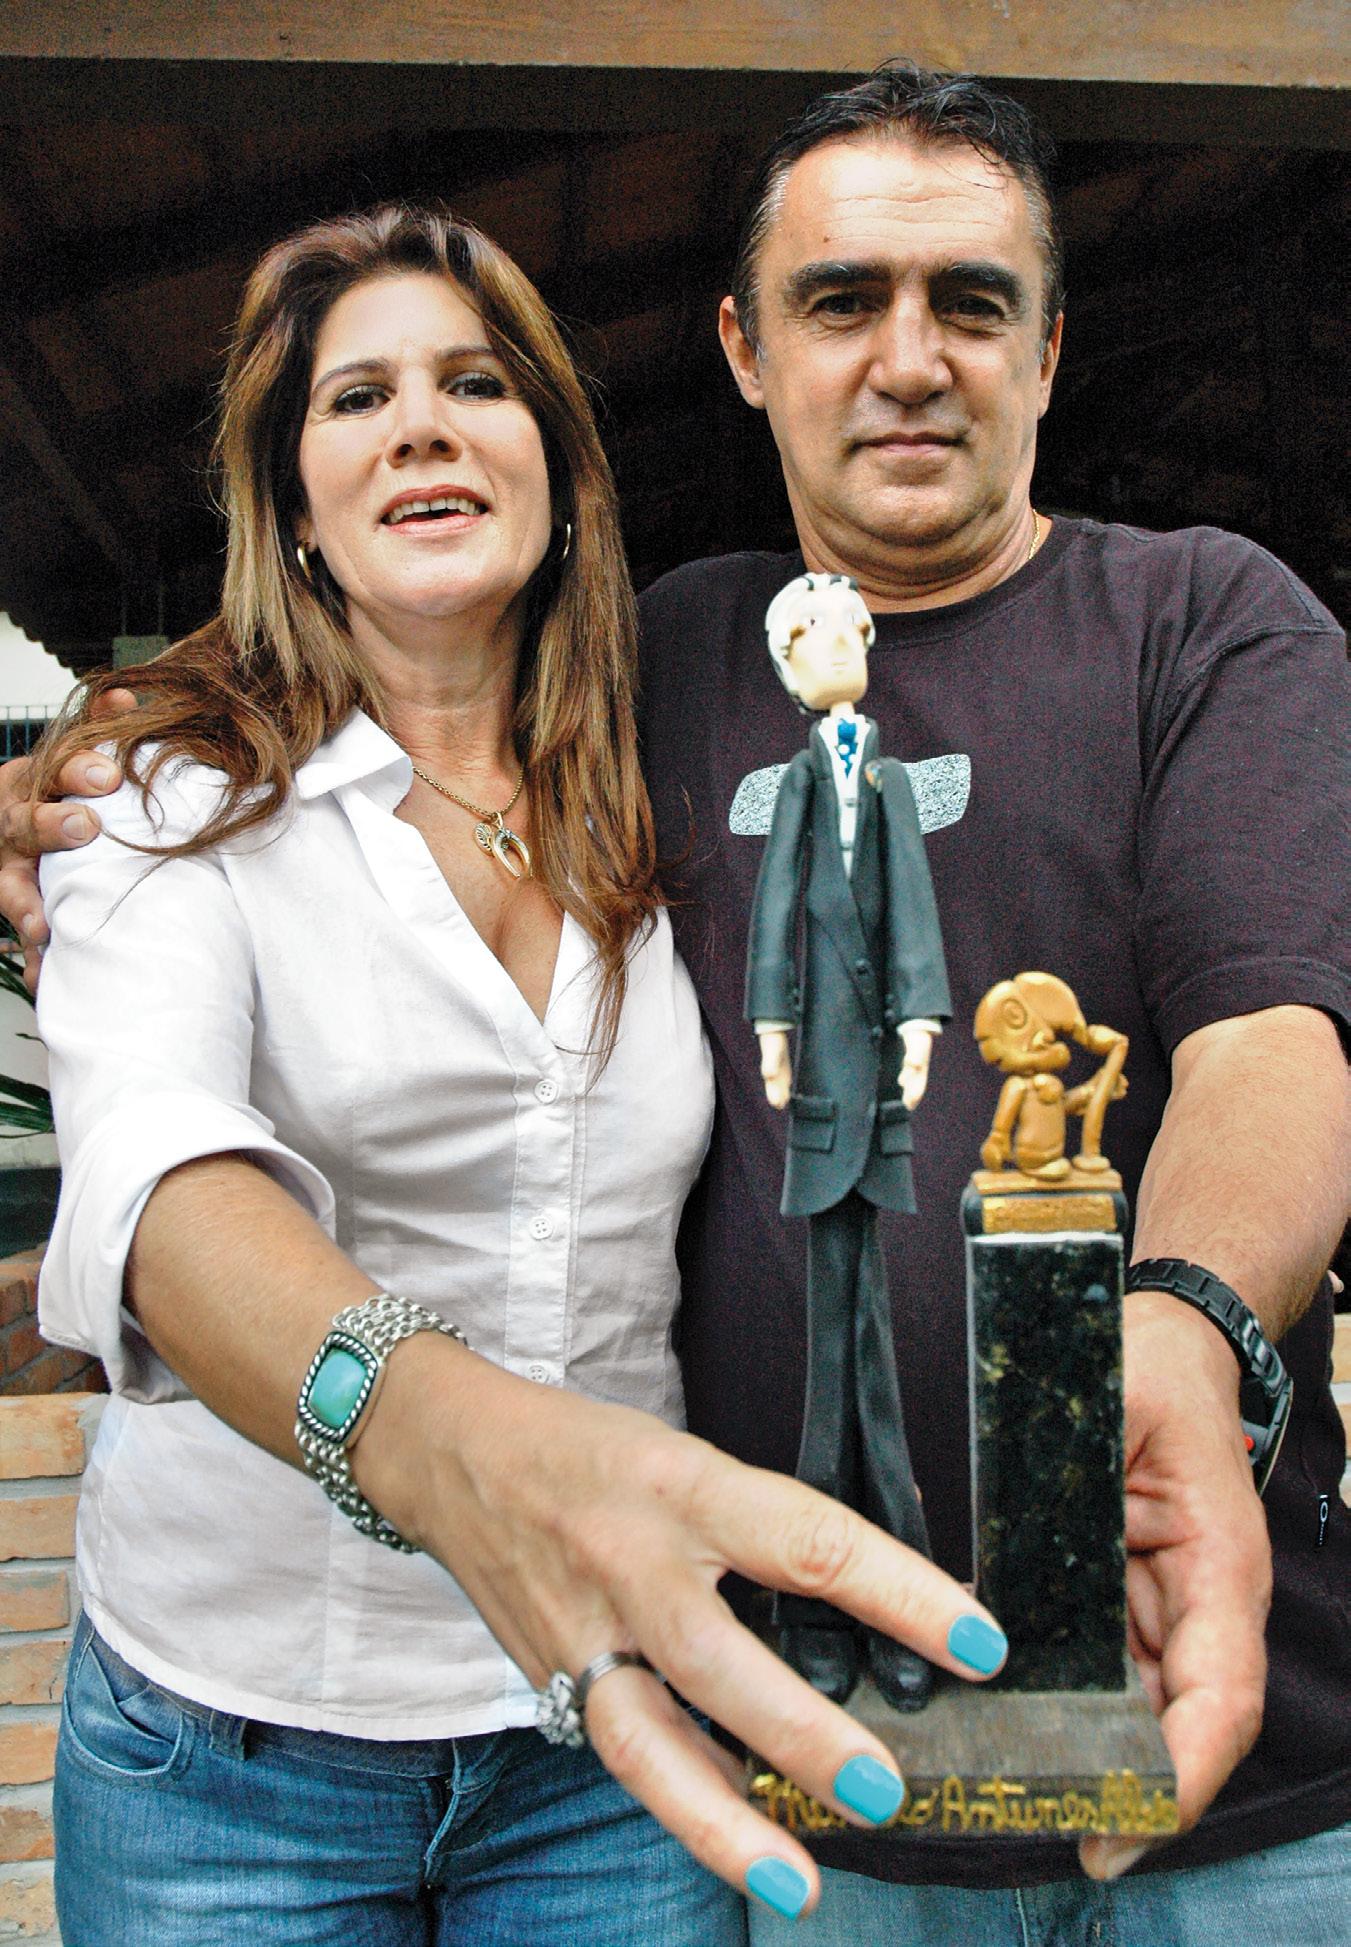 Nora e filho mostram troféu Roquette Pinto com escultura de Murillo